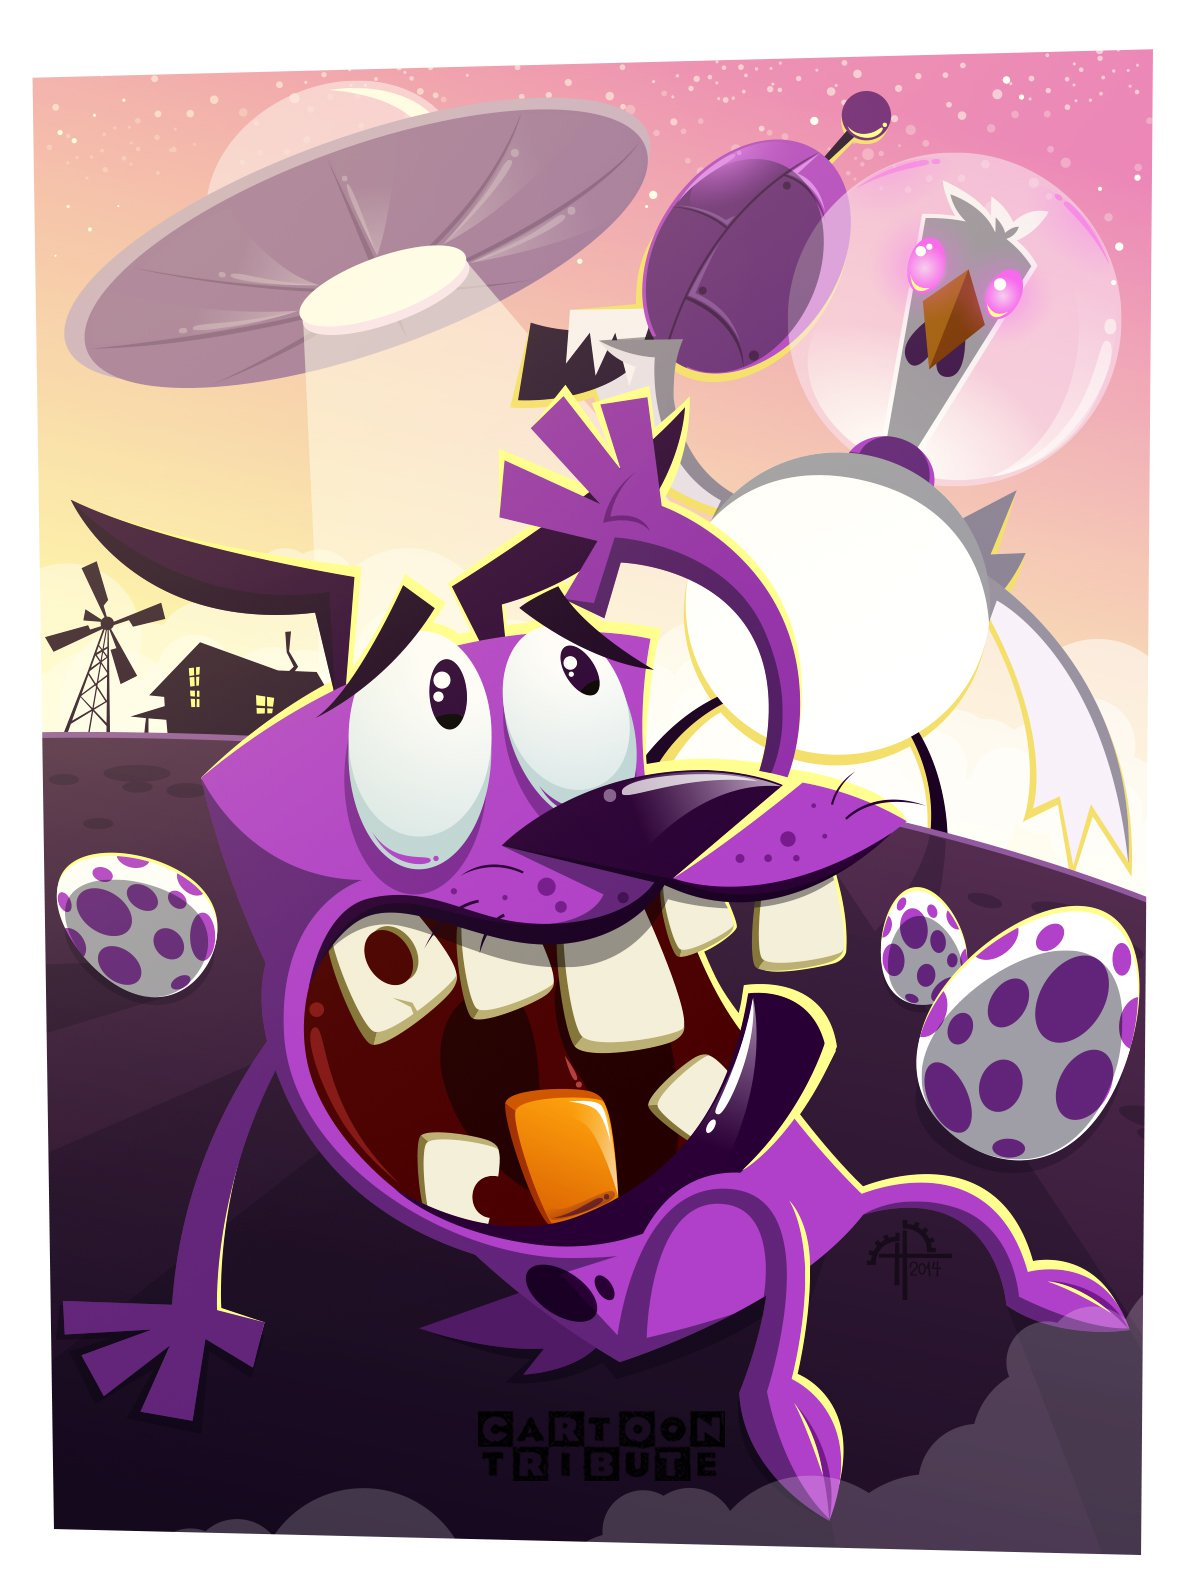 Personagem Do Cartoon Network